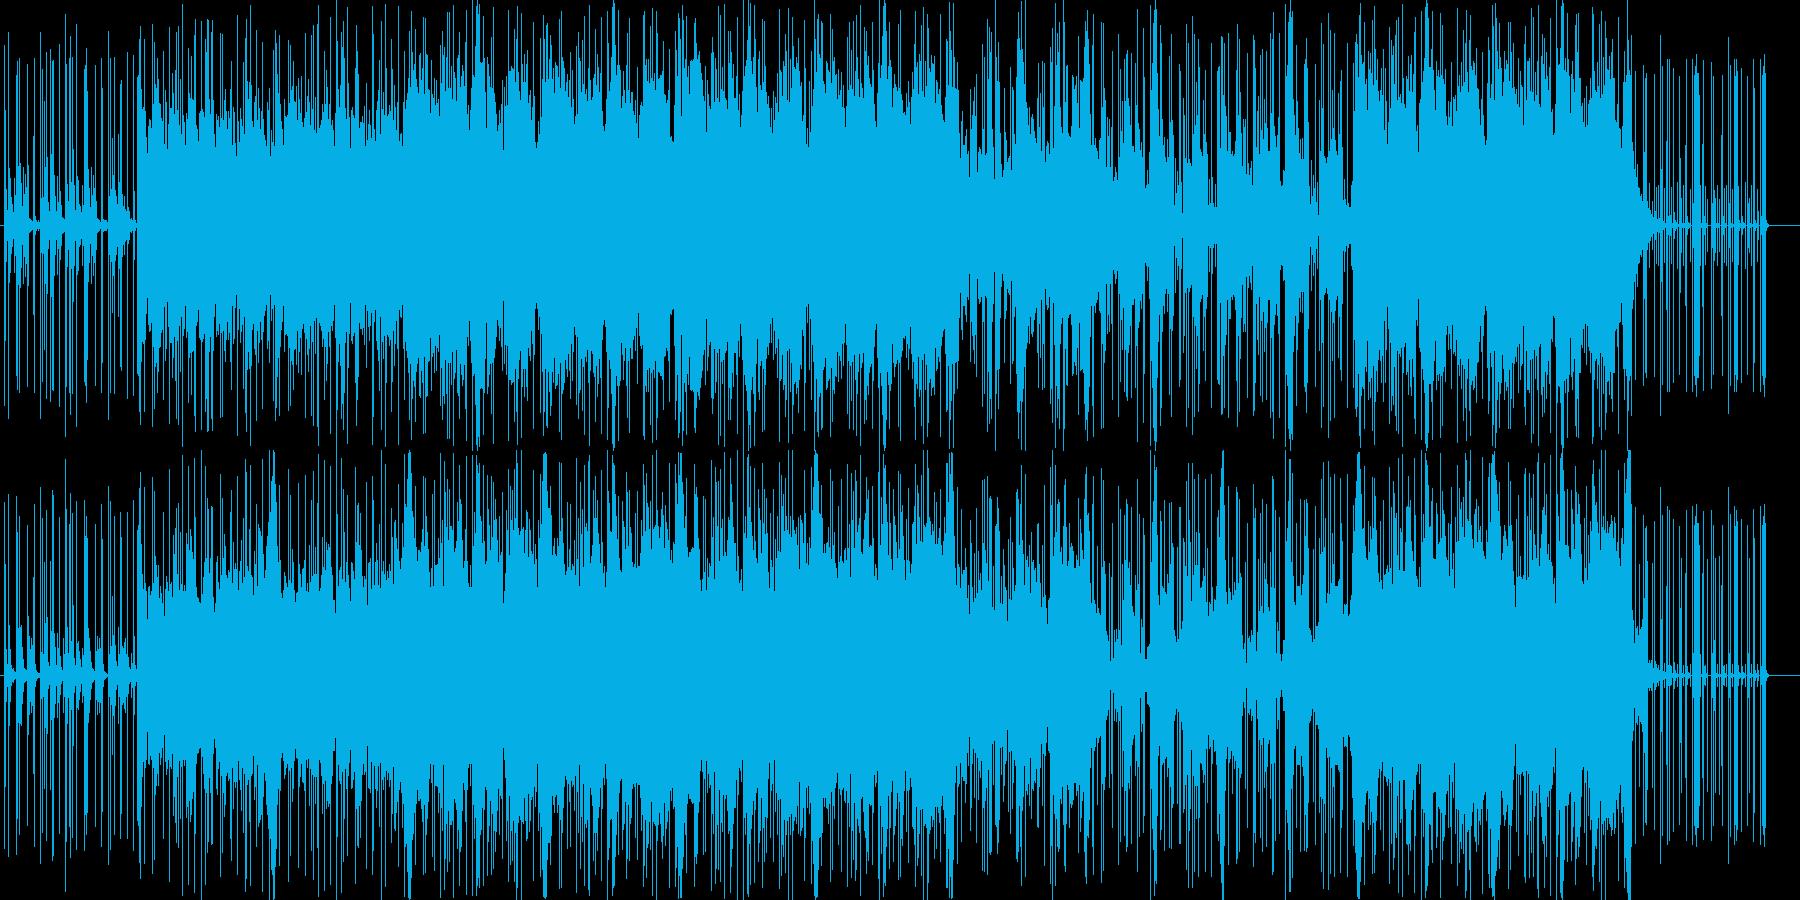 ポップで優しいフォークトロニカの再生済みの波形